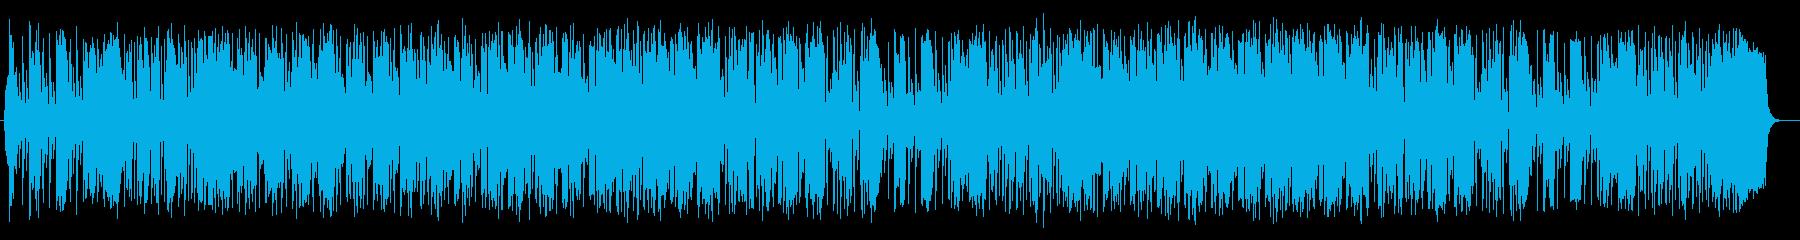 軽快で跳ねたリズムが特徴のポップスの再生済みの波形